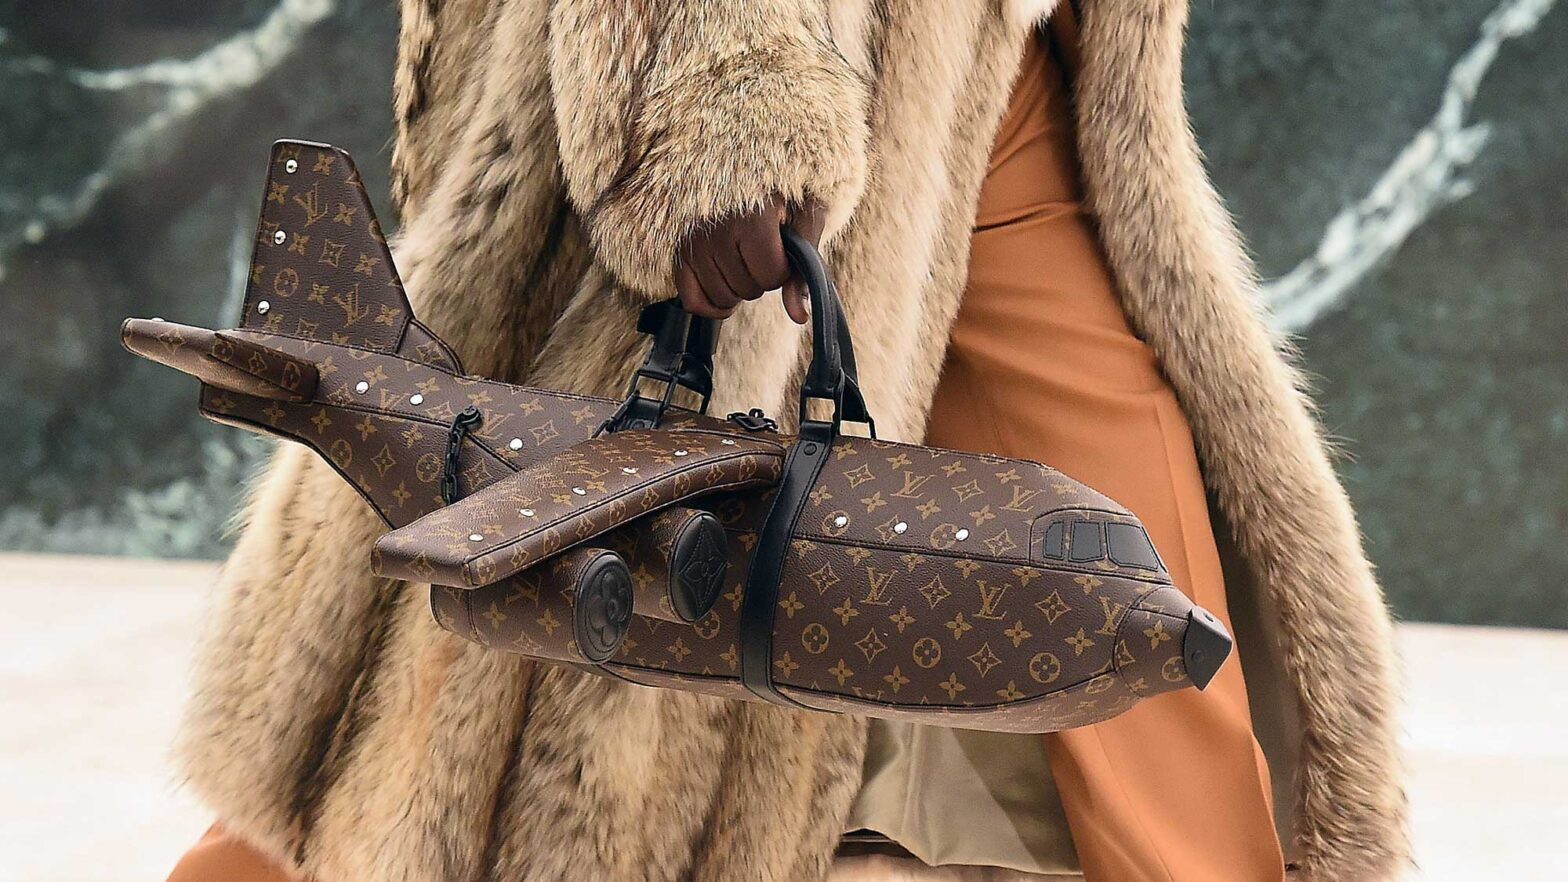 Louis Vuitton Airplane Bag by Virgil Abloh